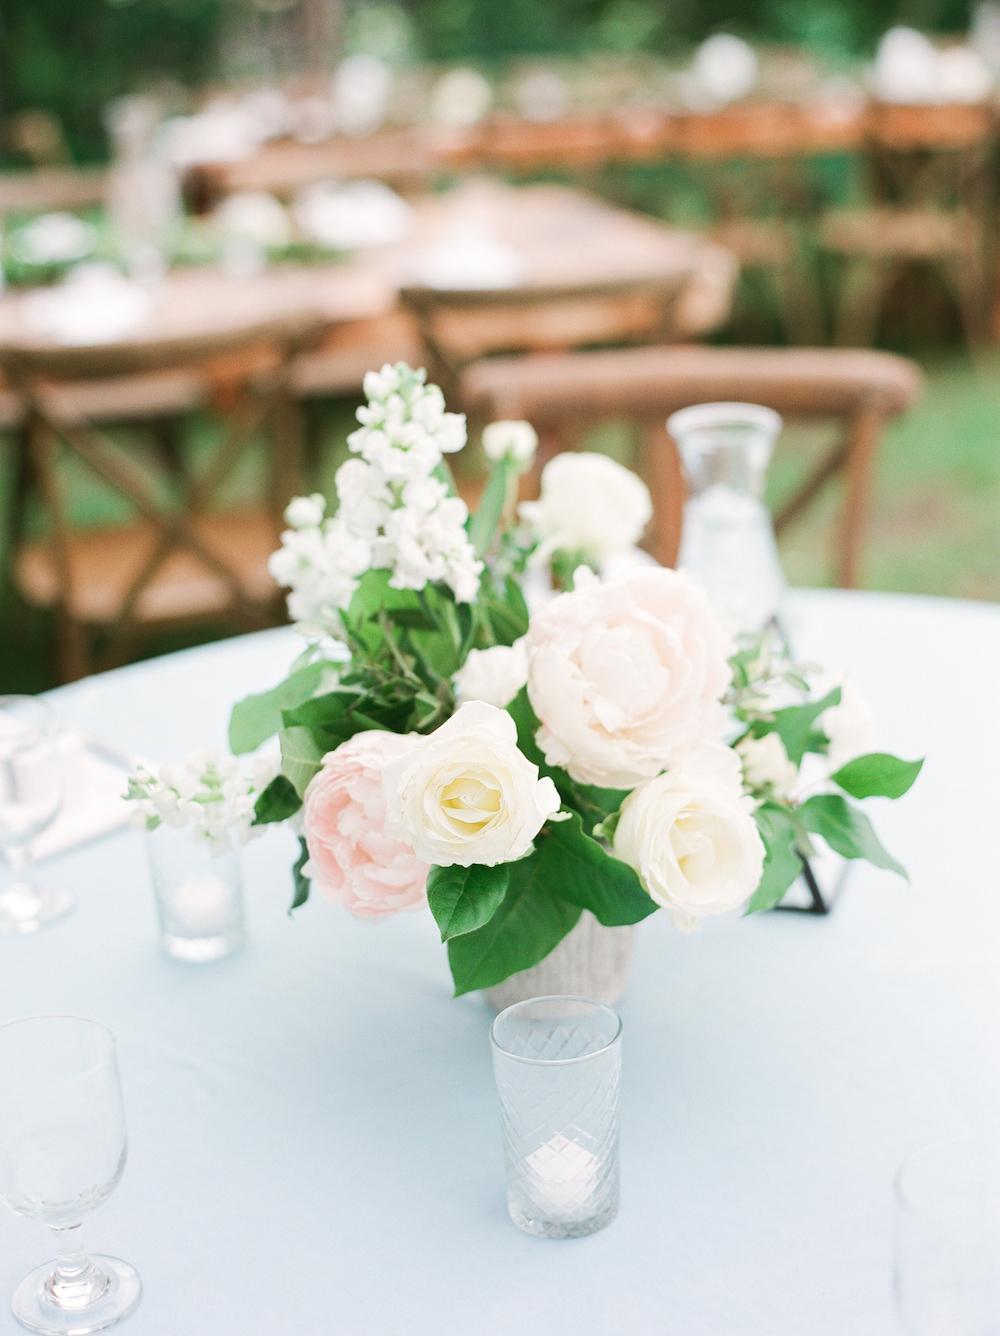 A flower arrangement for a wedding